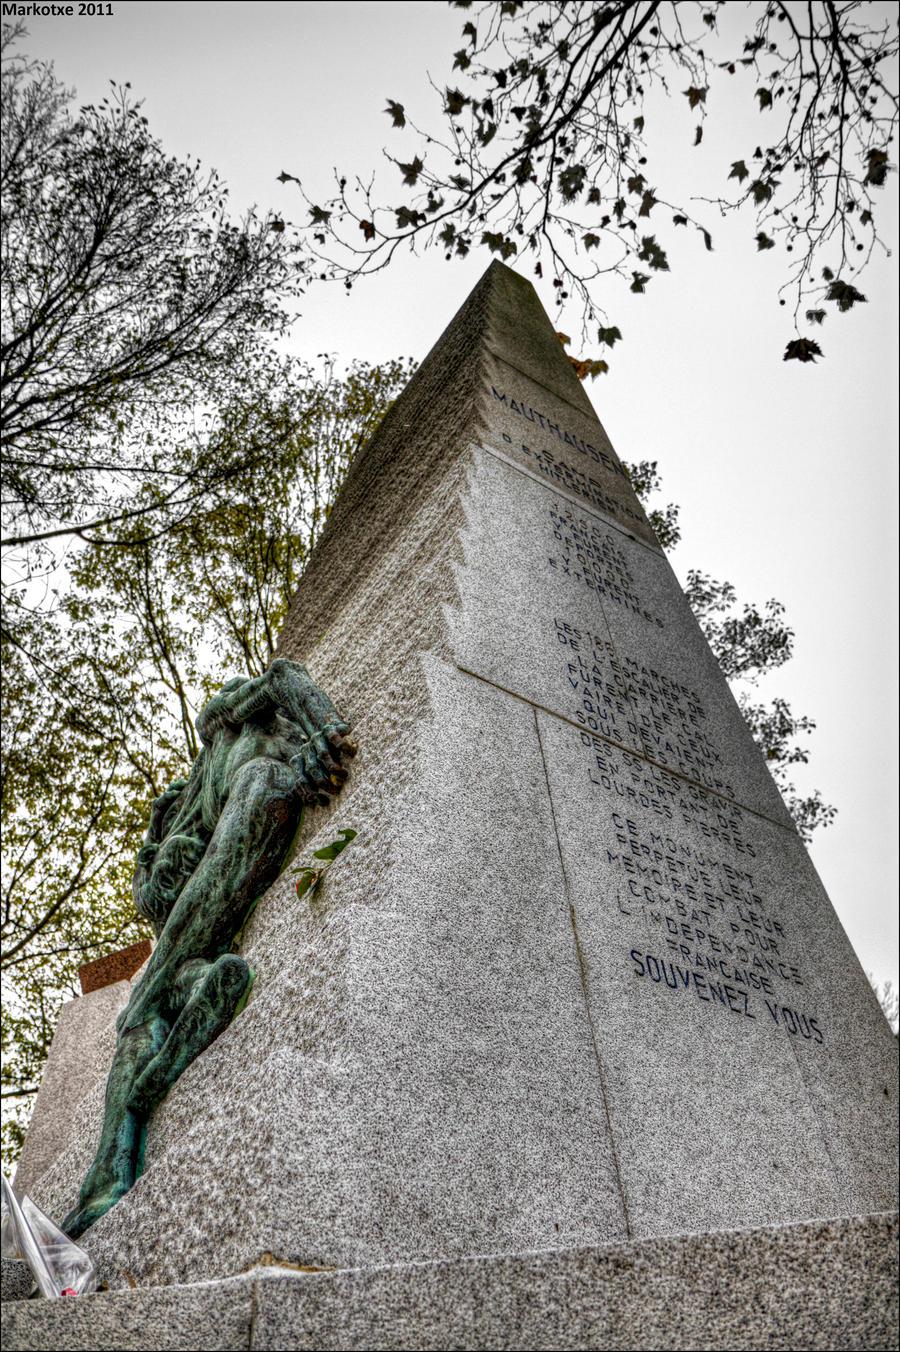 Mauthausen Denkmal by Markotxe